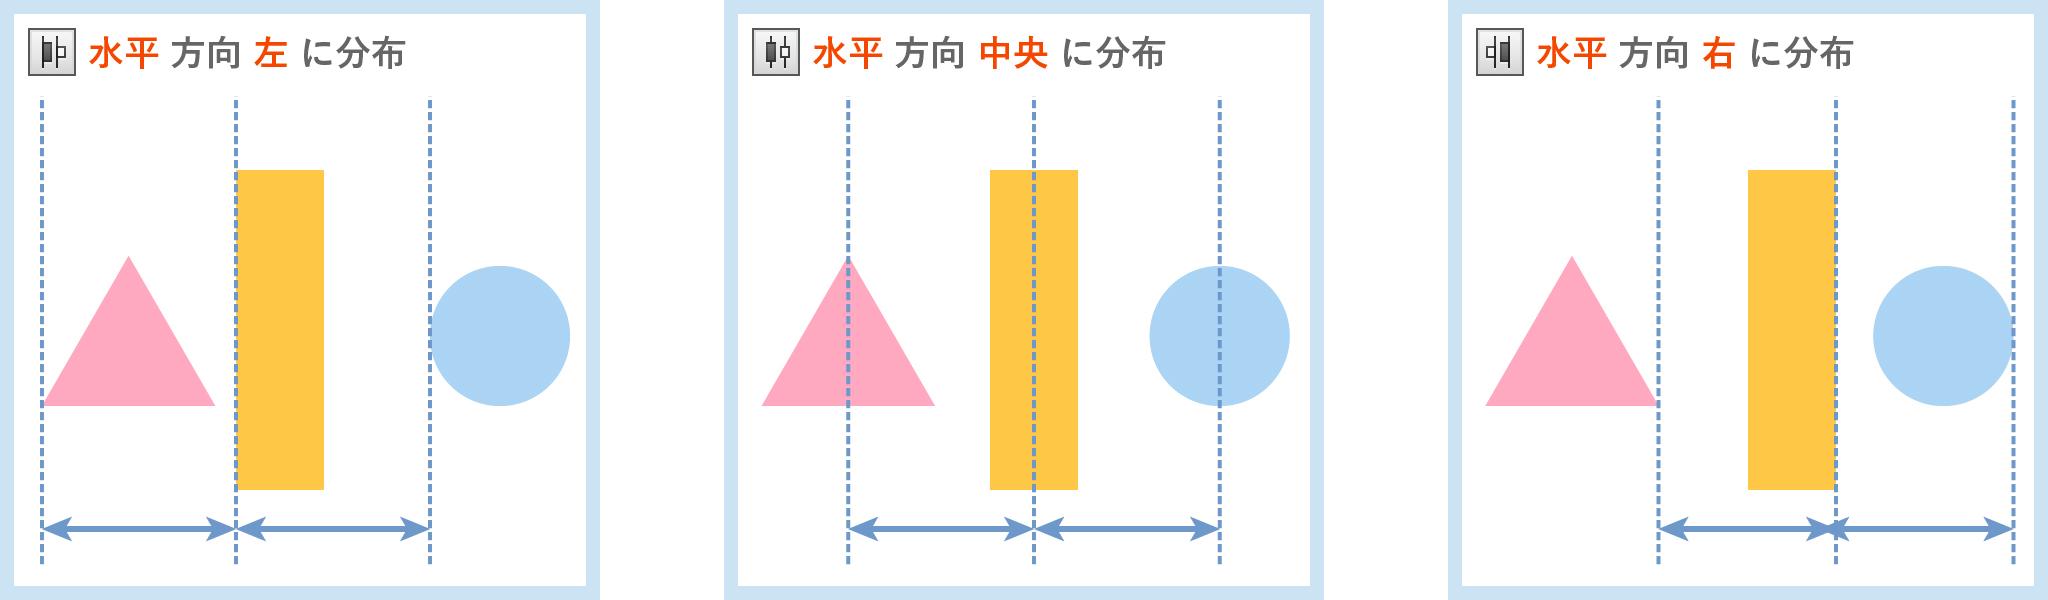 オブジェクトの分布 水平方向(横向き)説明図版